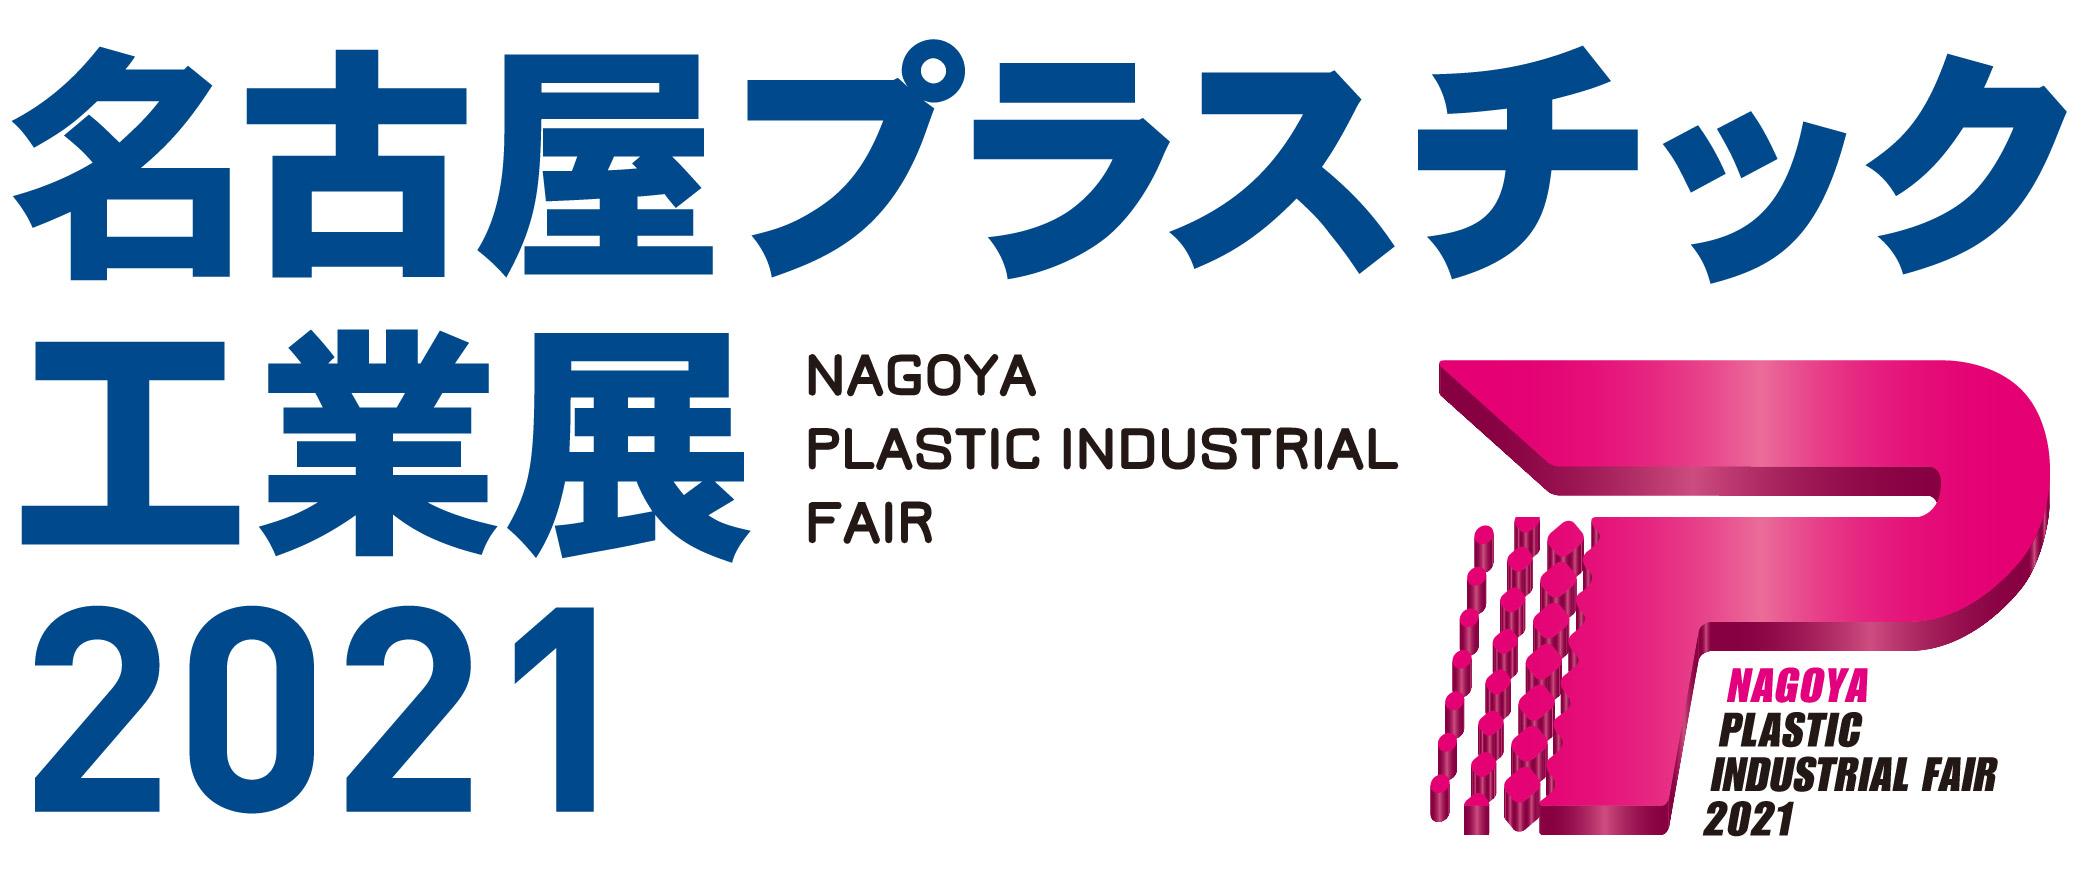 名古屋プラスチック工業展2021出展のご案内